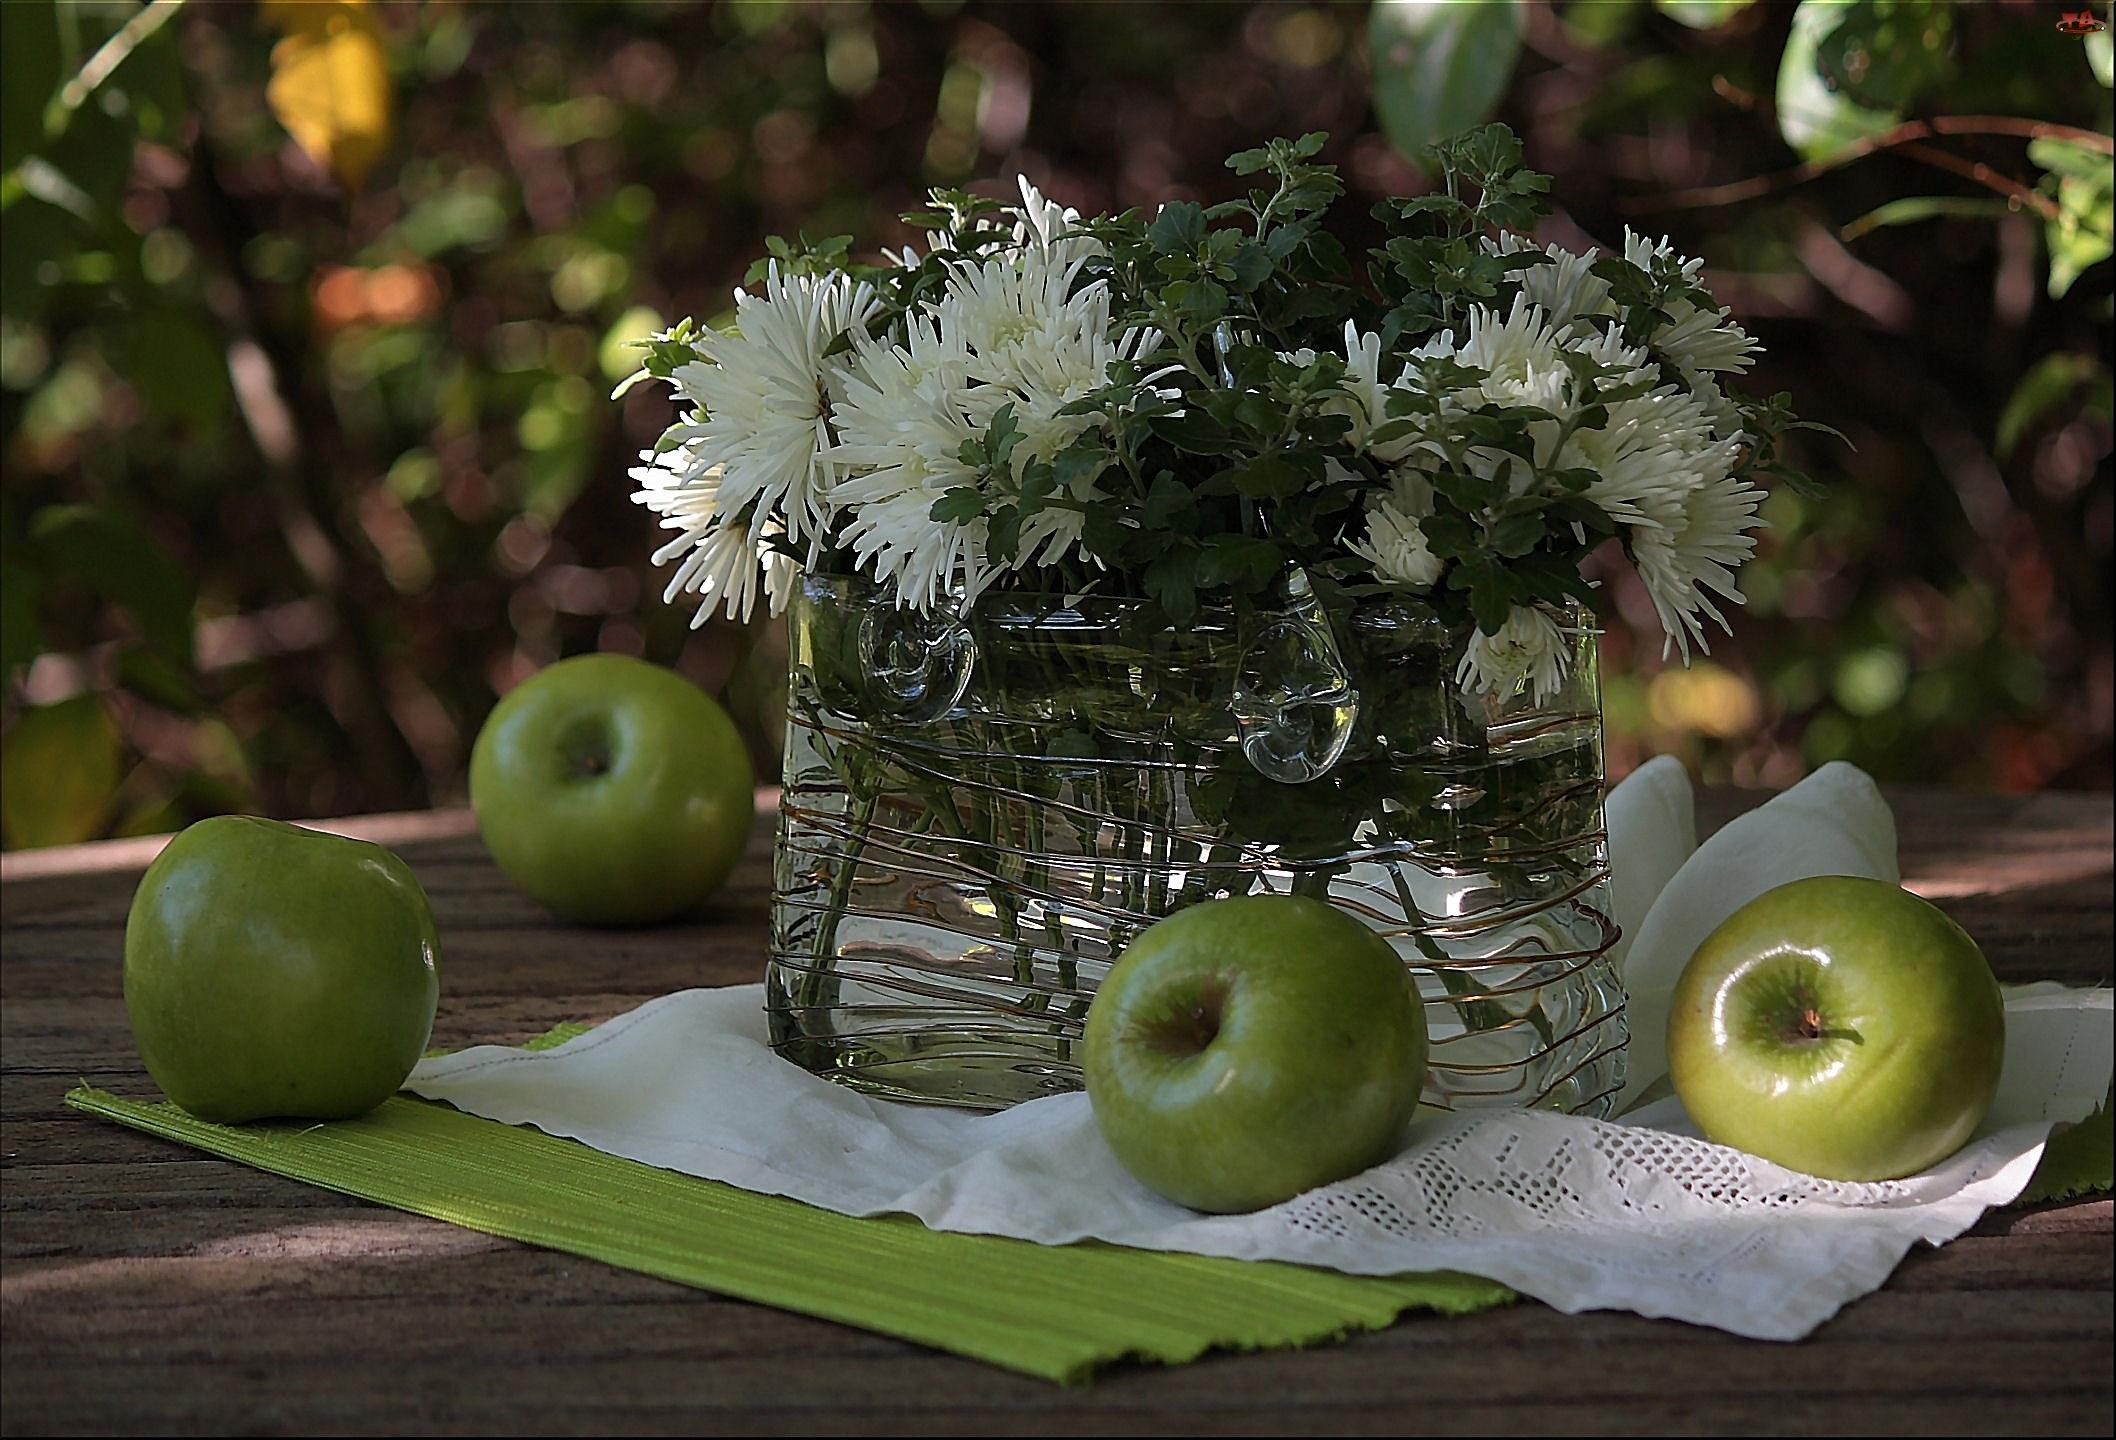 Kompozycja, Białe, Chryzantemy, Jabłka